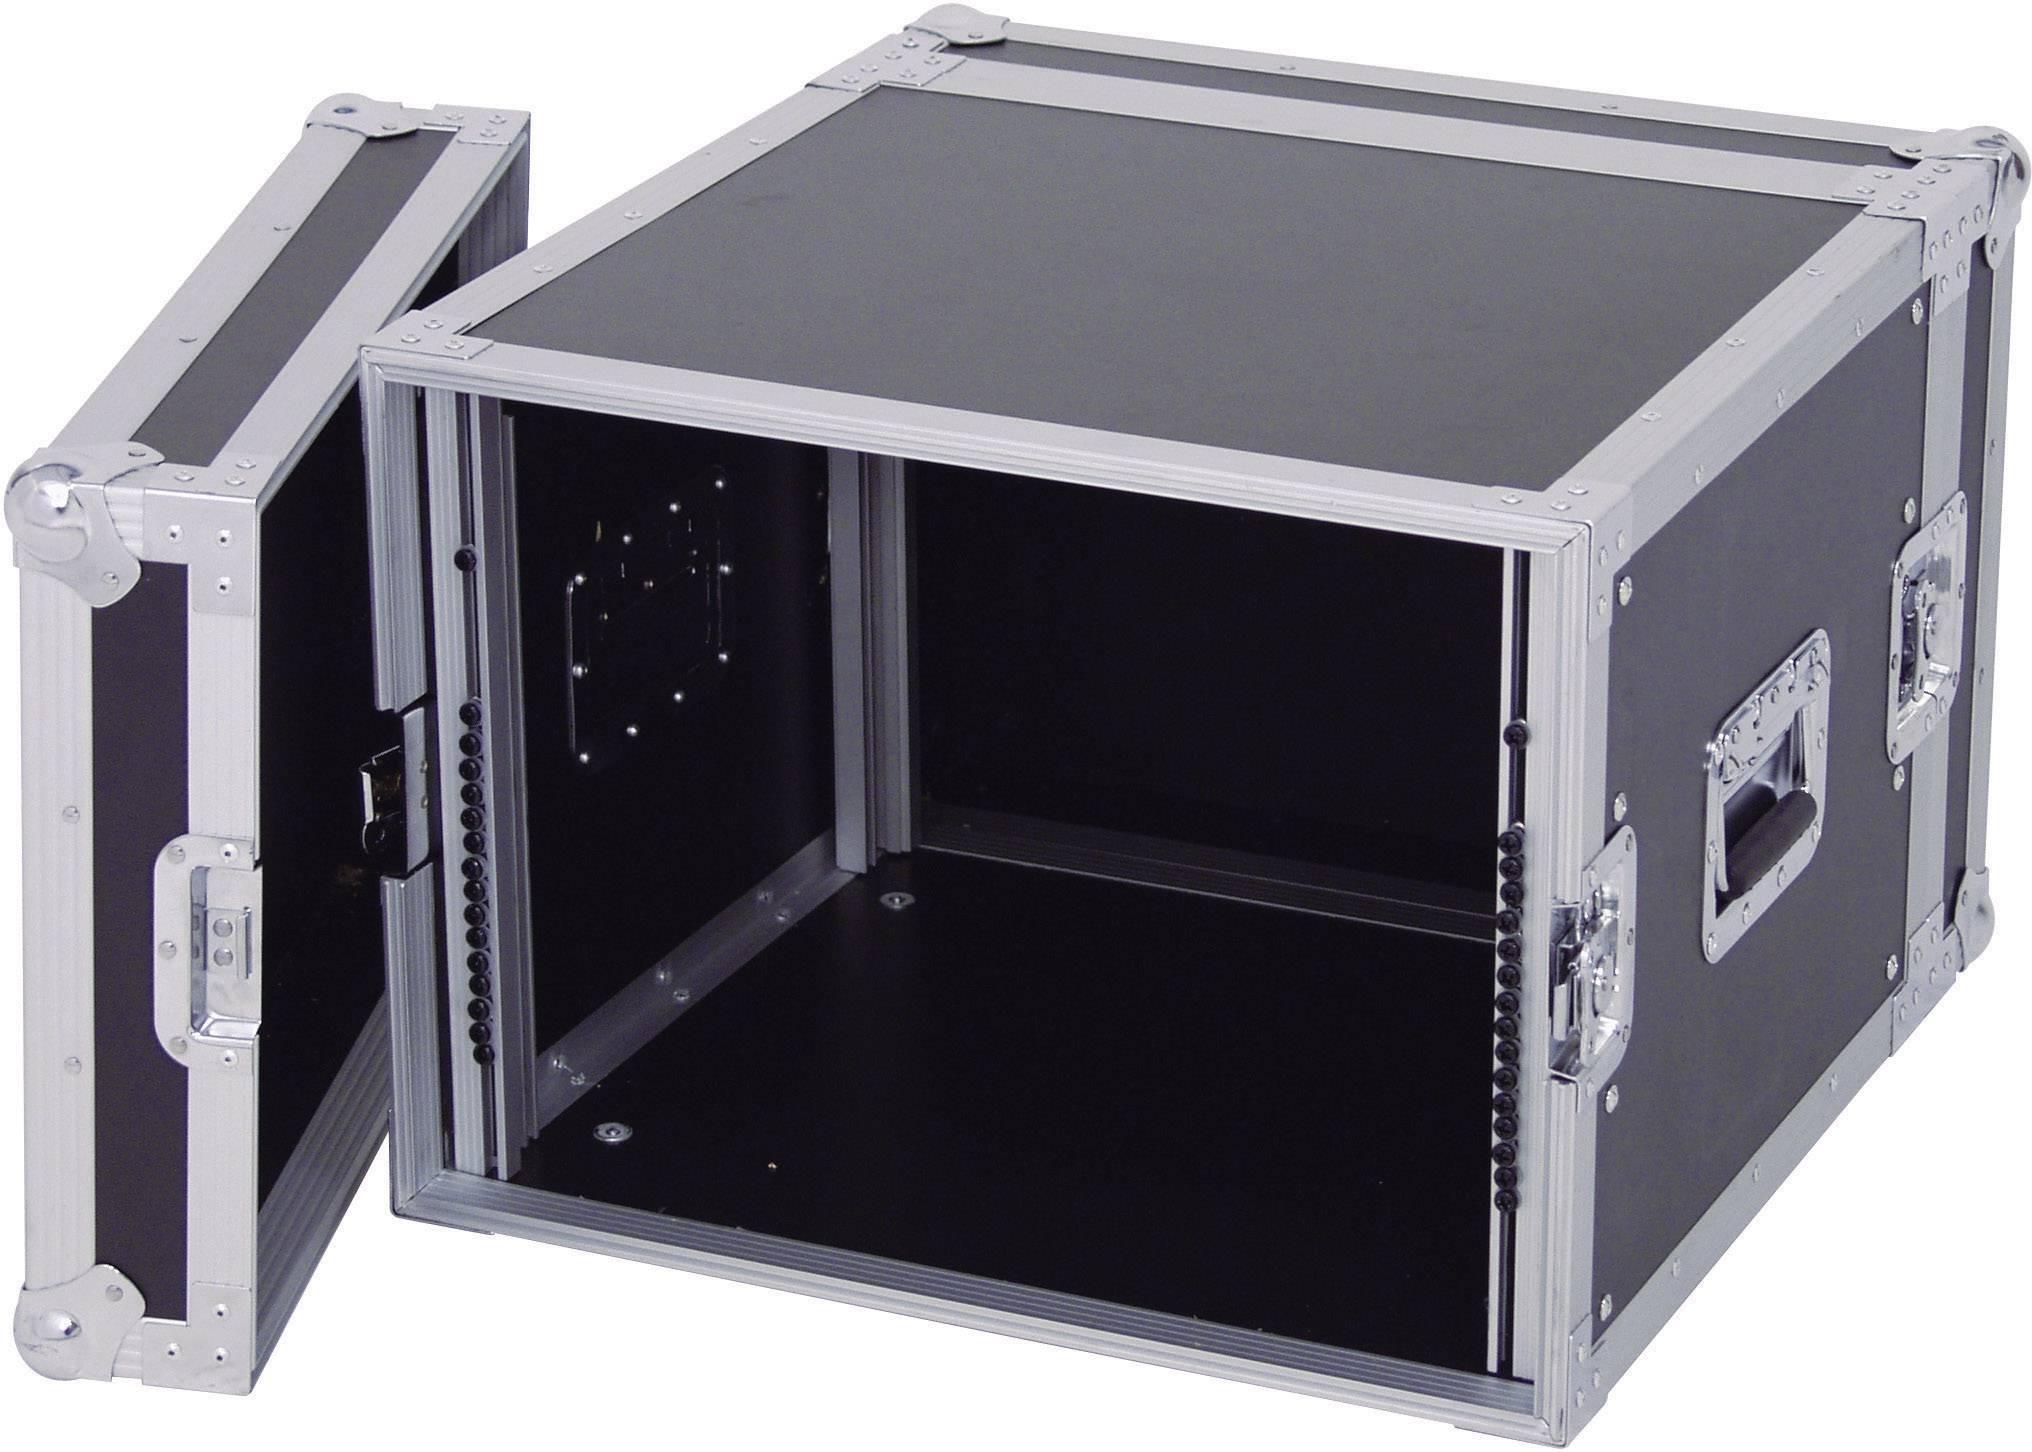 19palcový rack pro zesilovače 30109788 360005, 8 U, dřevo